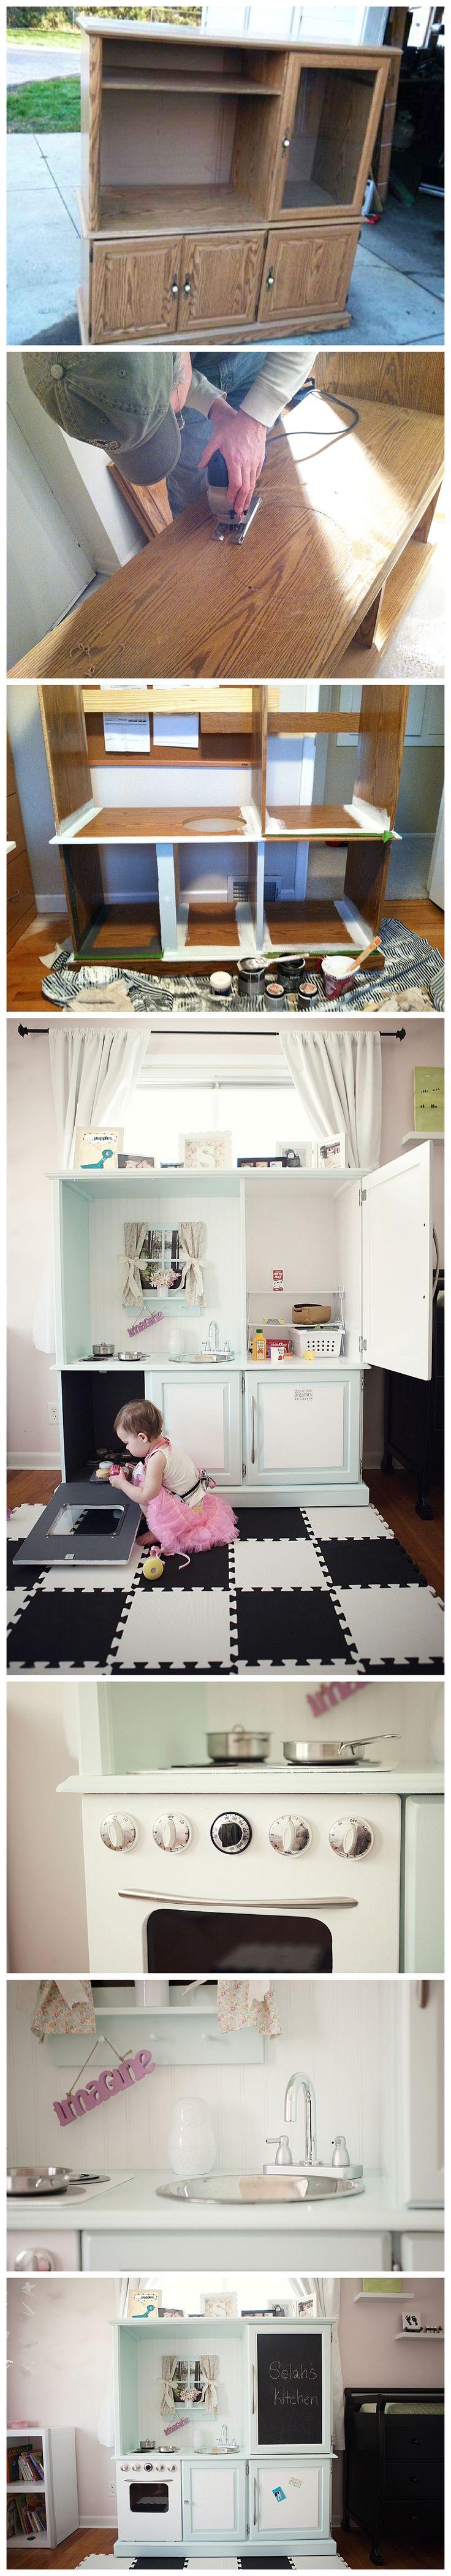 Ideas Para Convertir Muebles En Juguetes Diy 9 Curso De  # Muebles Mio Suecos